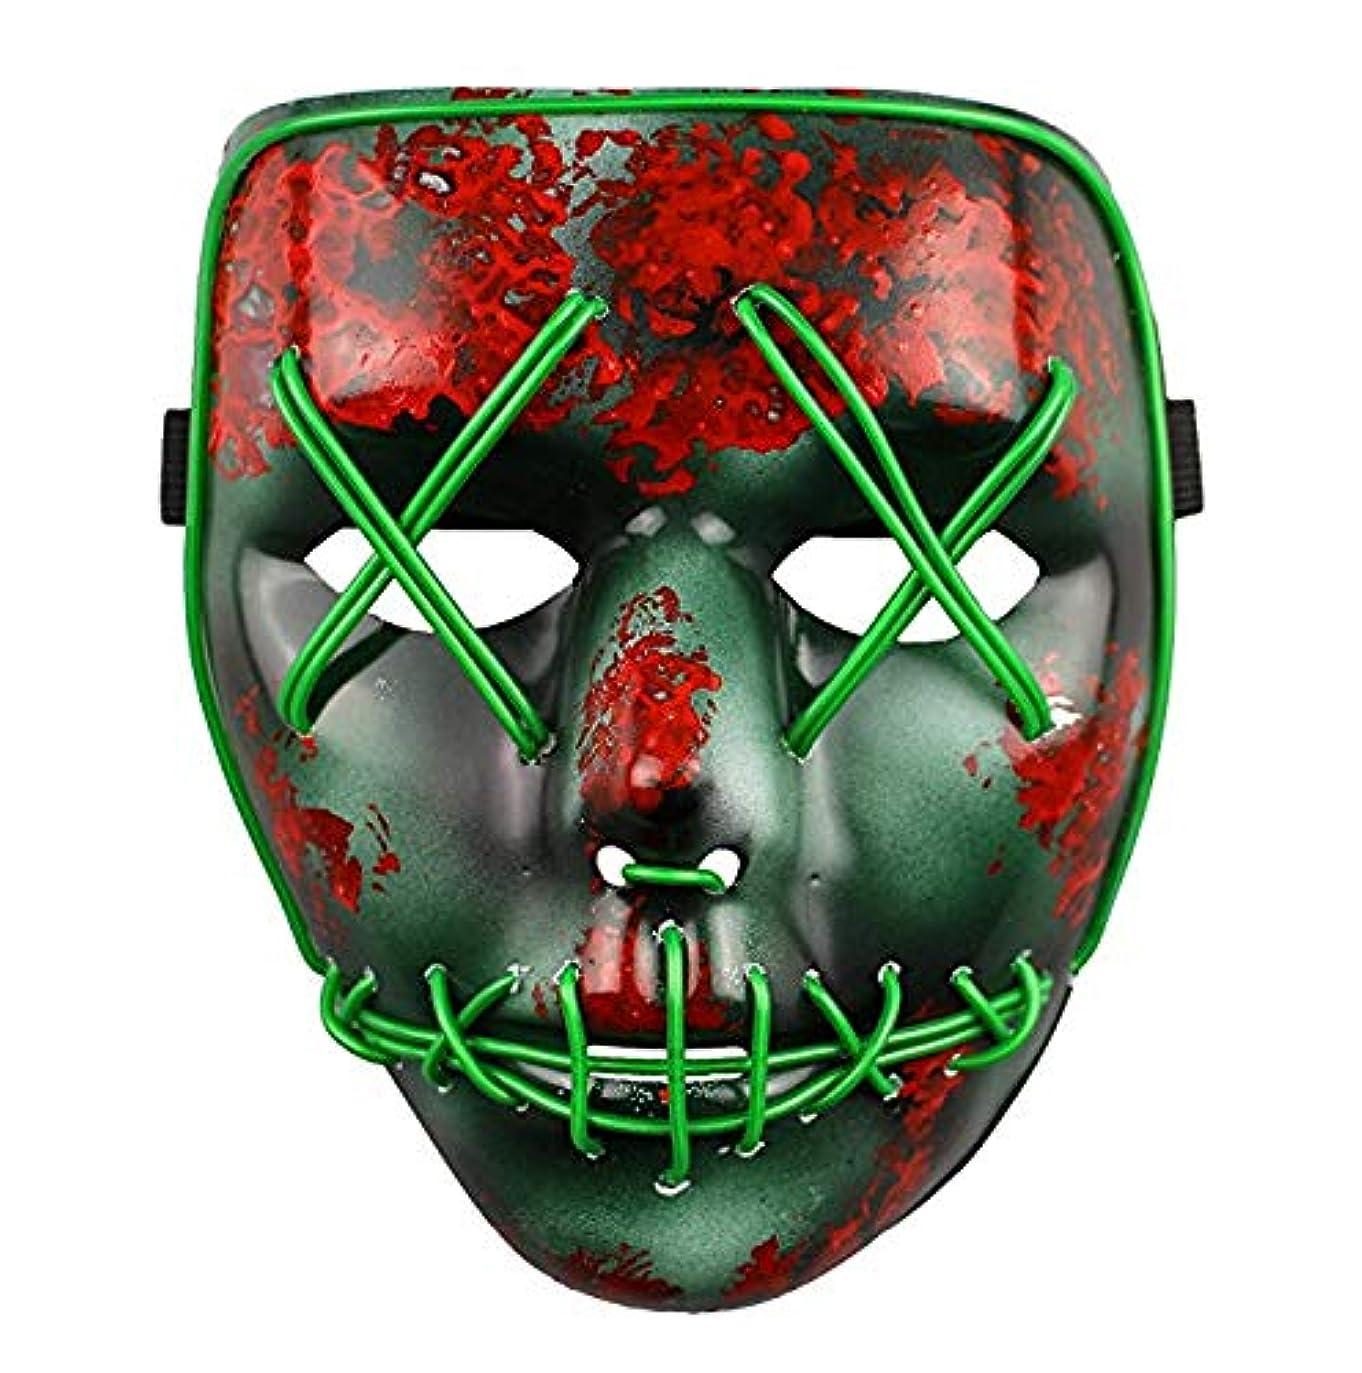 権利を与える転用止まるライトアップマスクフェスティバルハロウィンコスチュームアダルトマスク